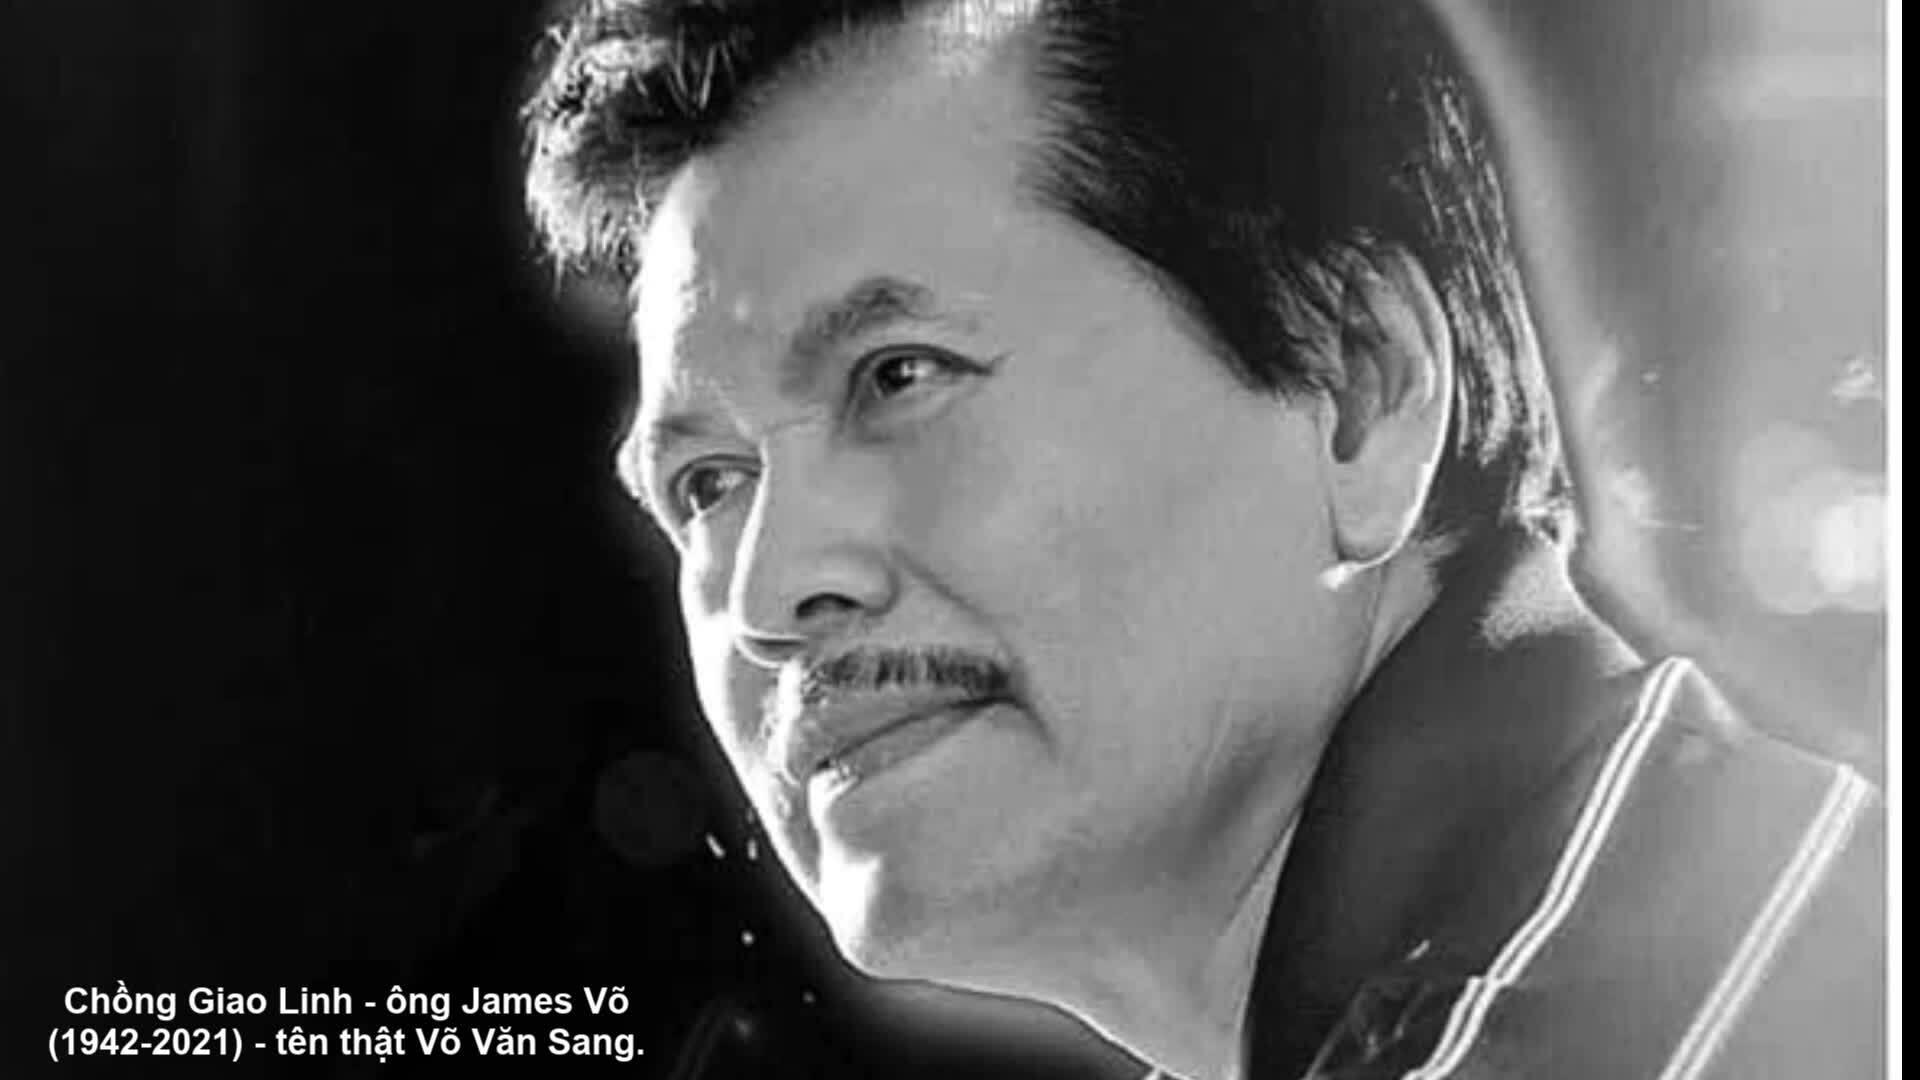 Giao Linh hát tiễn biệt chồng